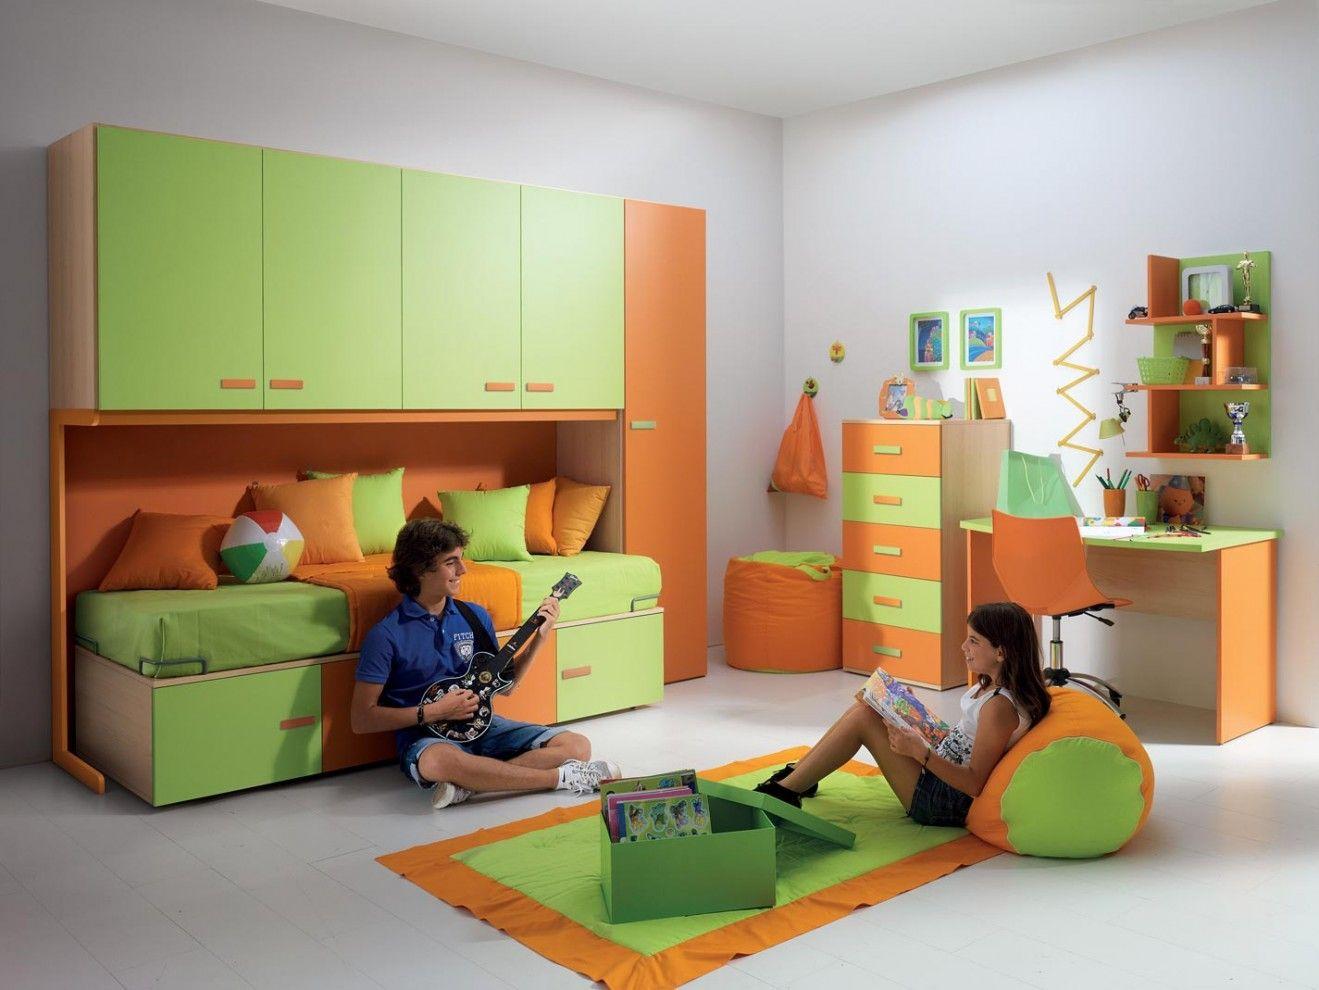 Cameretta Girotondo ~ Camere per bambini versatili e sicure camerette girotondo